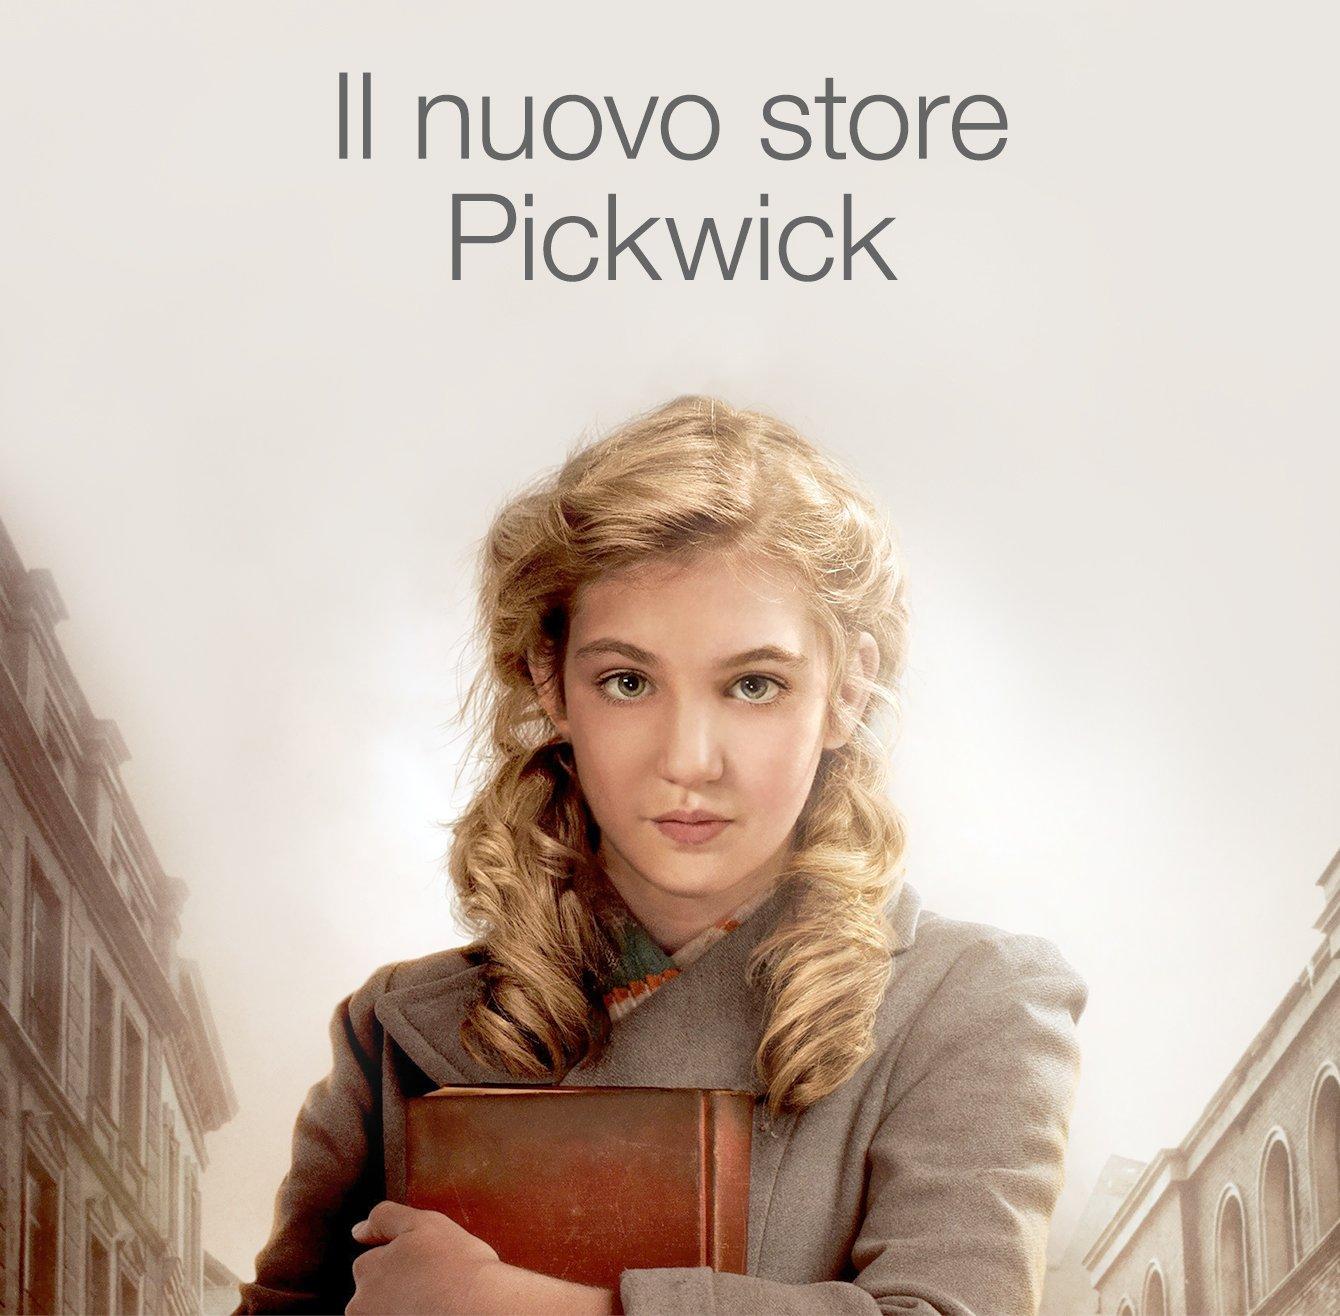 Il nuovo store Pickwick